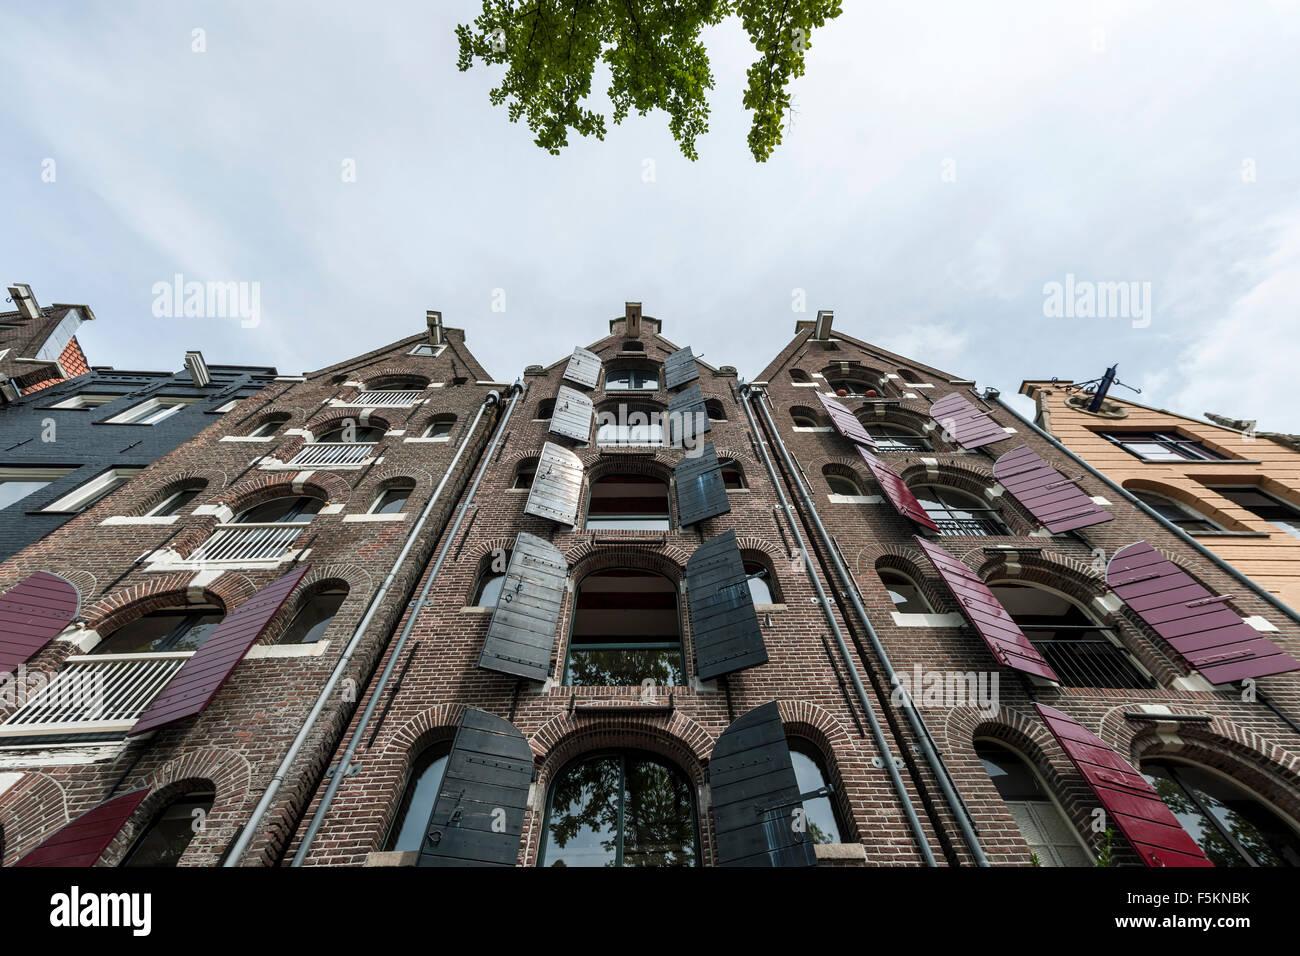 Canal case nel centro storico di Amsterdam, Paesi Bassi Immagini Stock